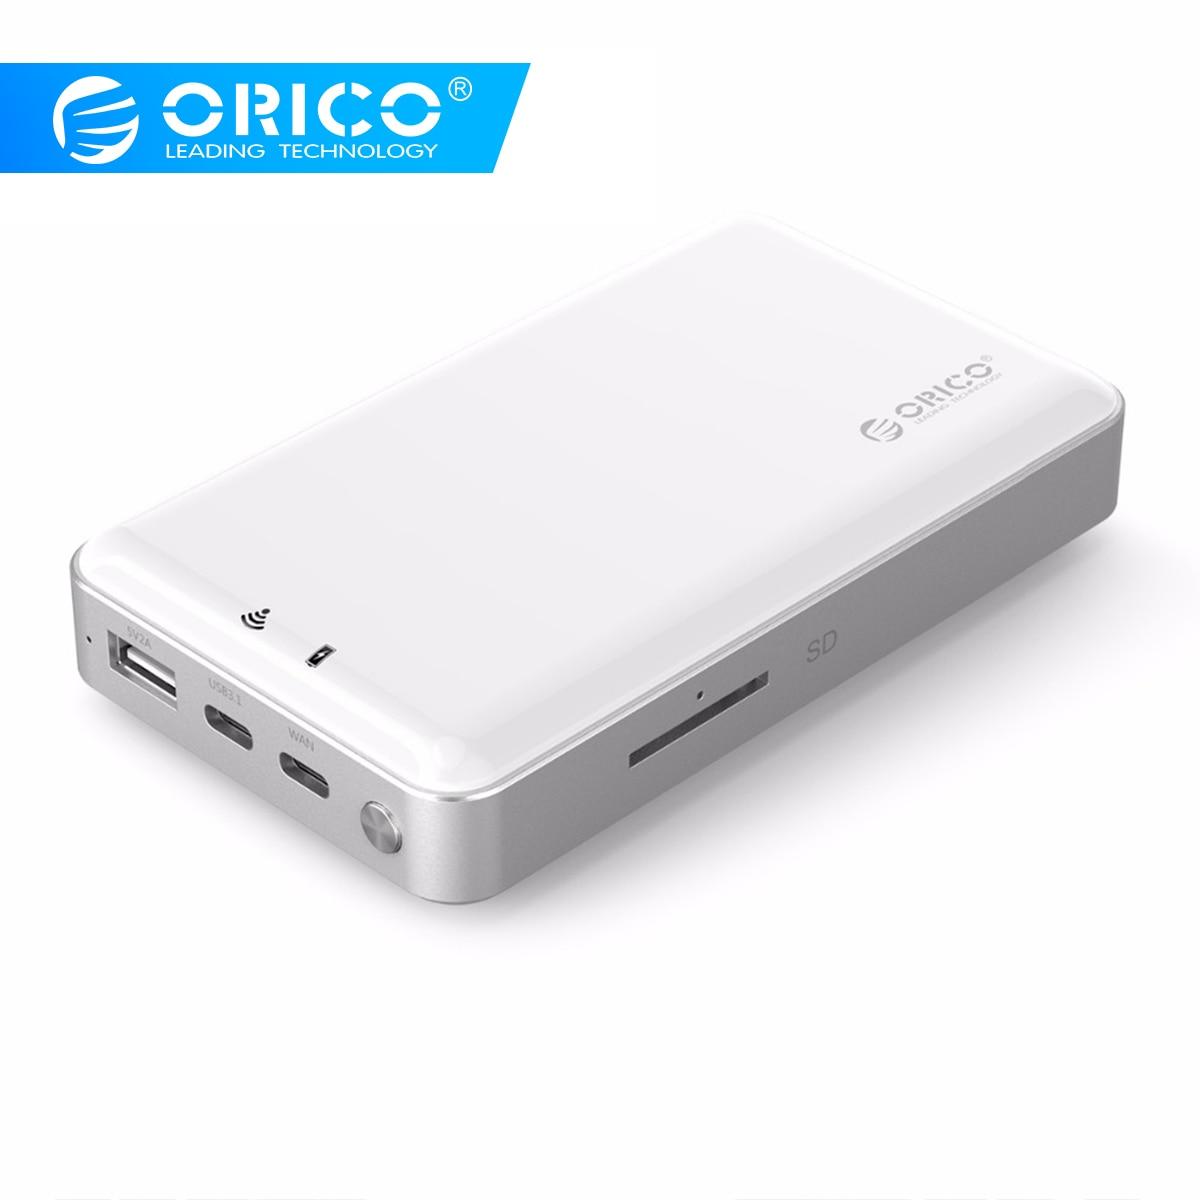 ORICO 2.5 cal Wifi obudowa dysku twardego prywatne HDD pamięci masowej w chmurze, obsługa kart SD/TF karty w trybie Offline tworzenia kopii zapasowych mocy 8000 mAh bank USB3.1 Gen1/2